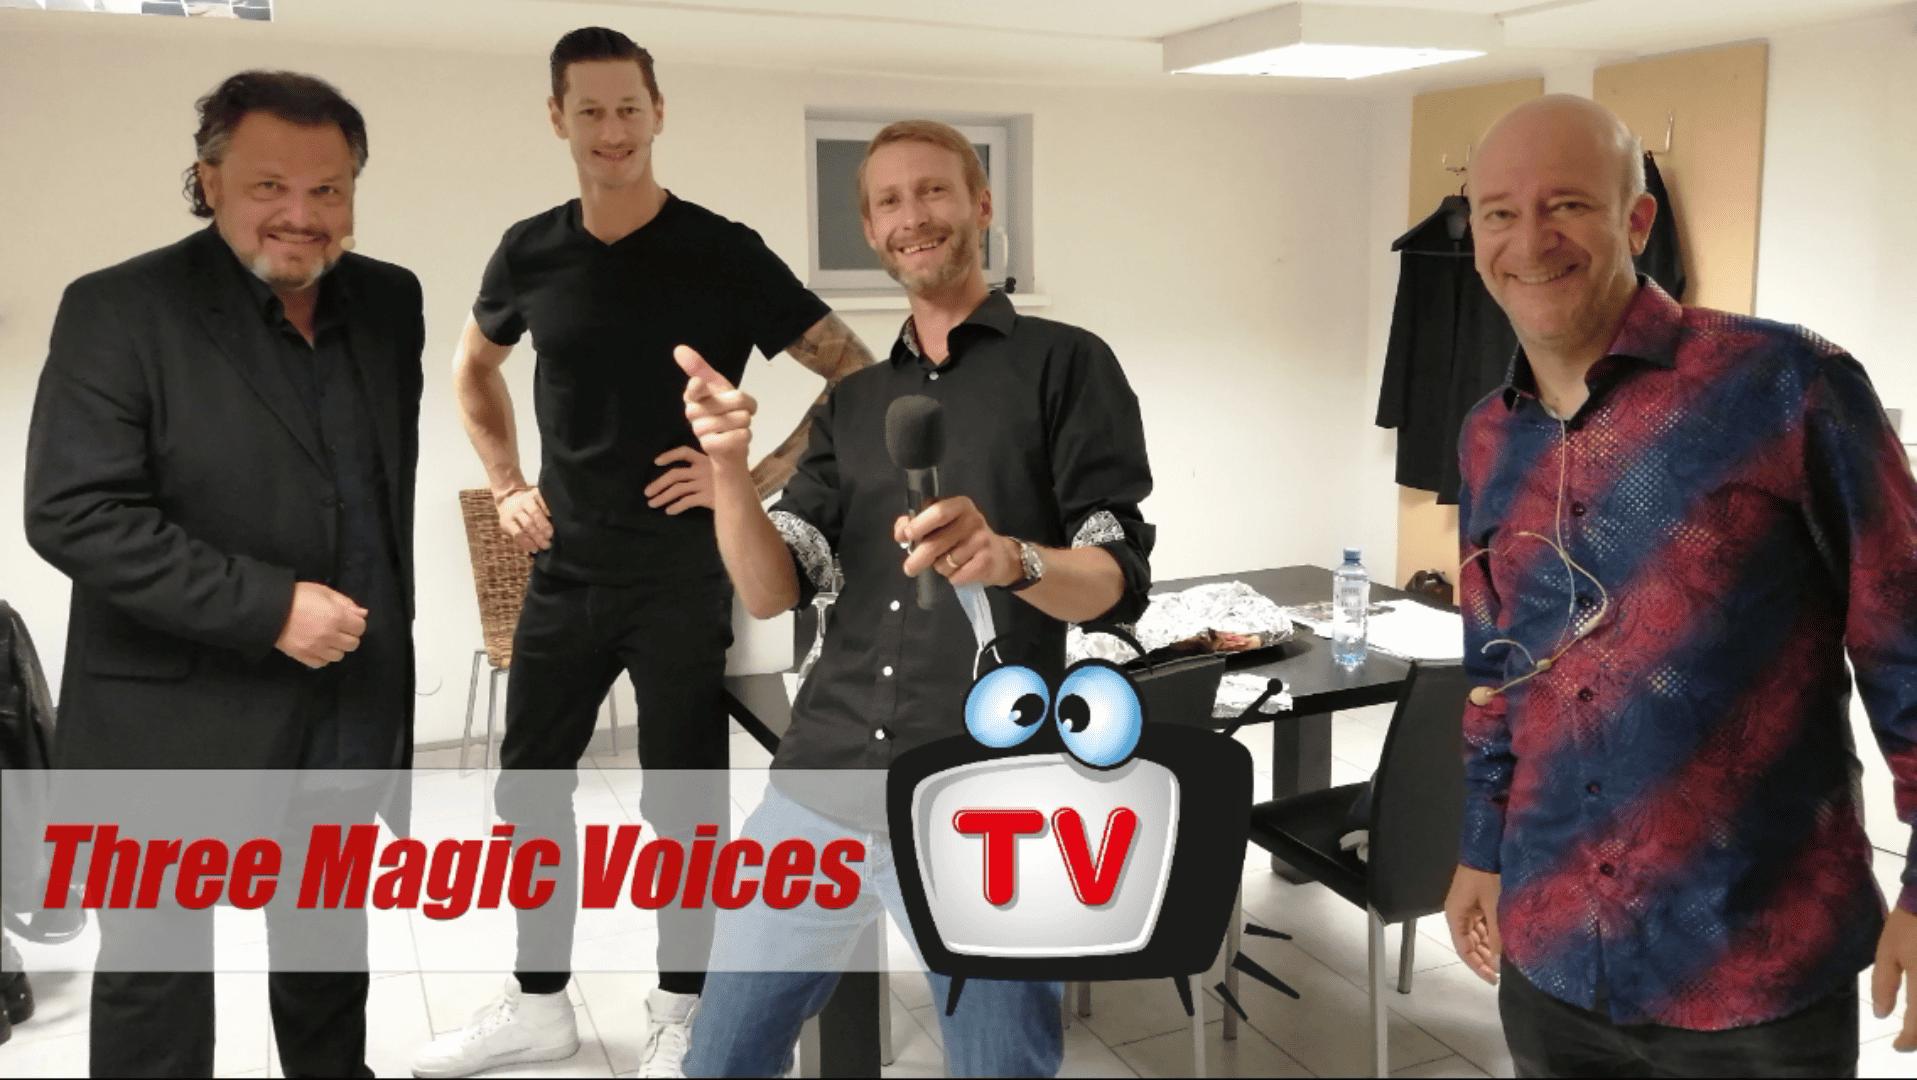 Three -Magic-Voices